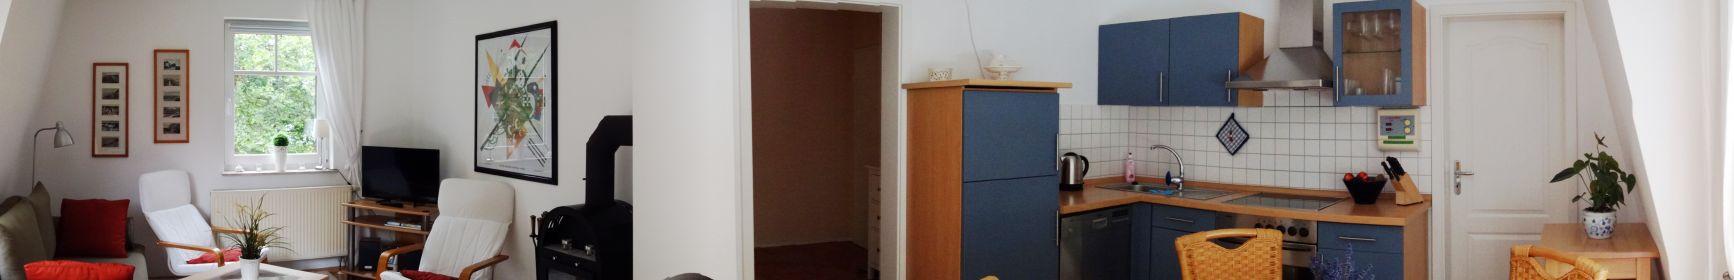 residenz-bella-panorama-1